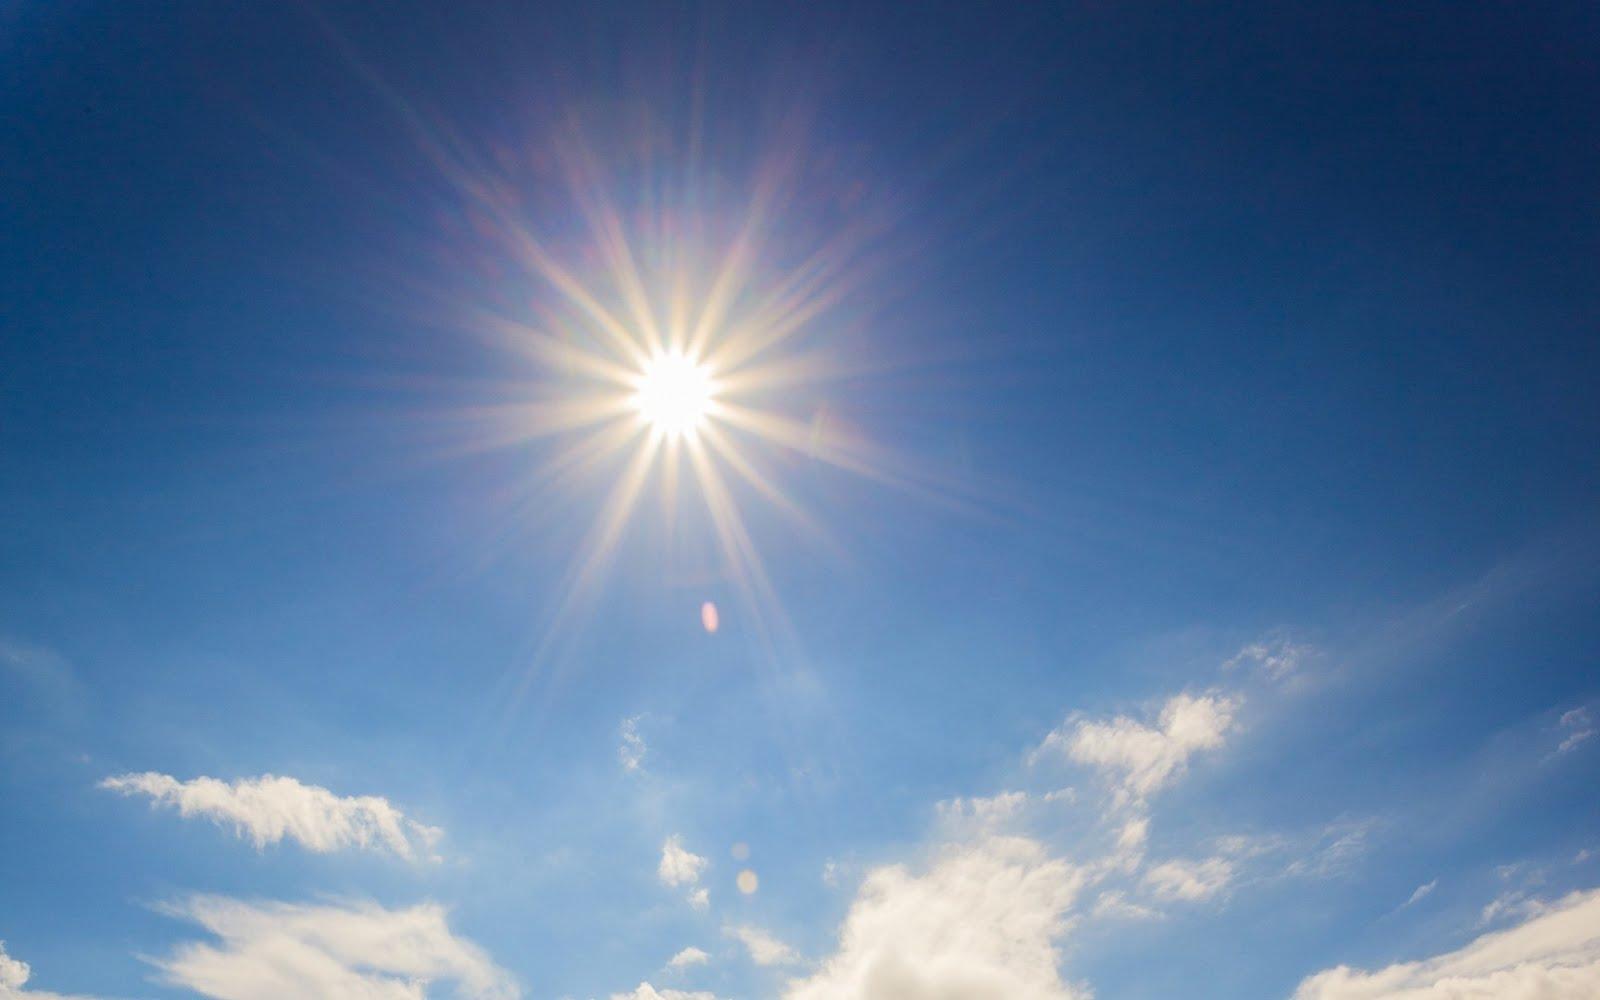 Καλλιάνος  Απολαύστε τον πρωτοχρονιάτικο ήλιο - Έρχεται «παρέλαση»  βαρομετρικών χαμηλών από Τρίτη aff519c652a